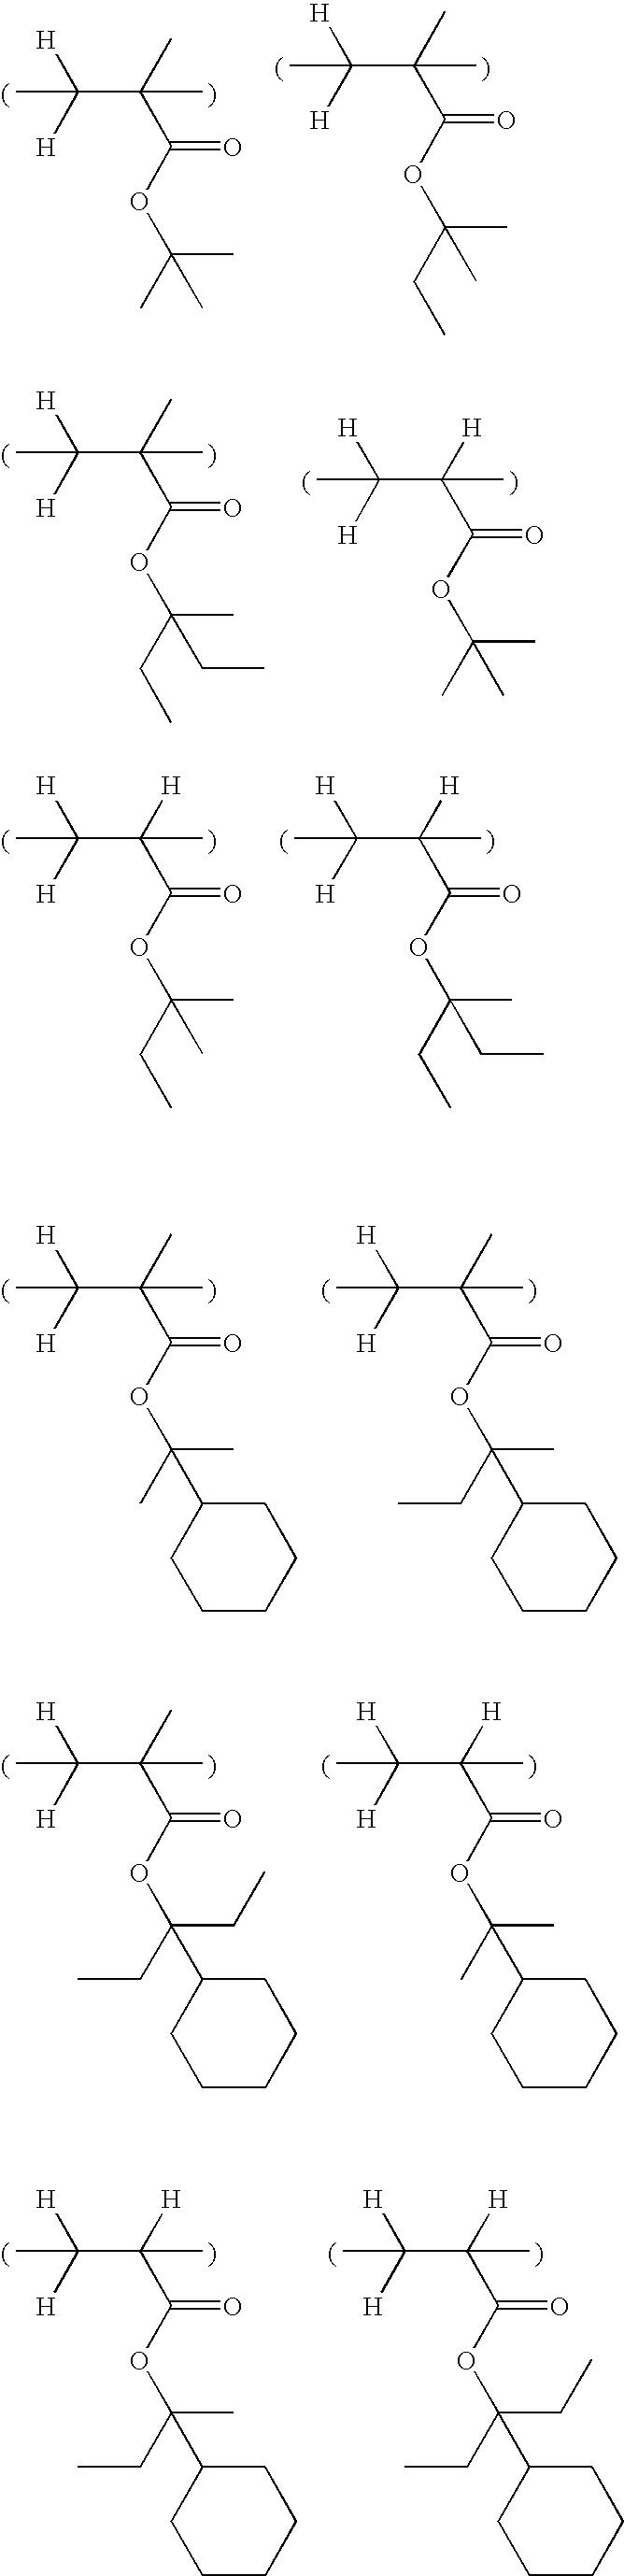 Figure US07771913-20100810-C00043